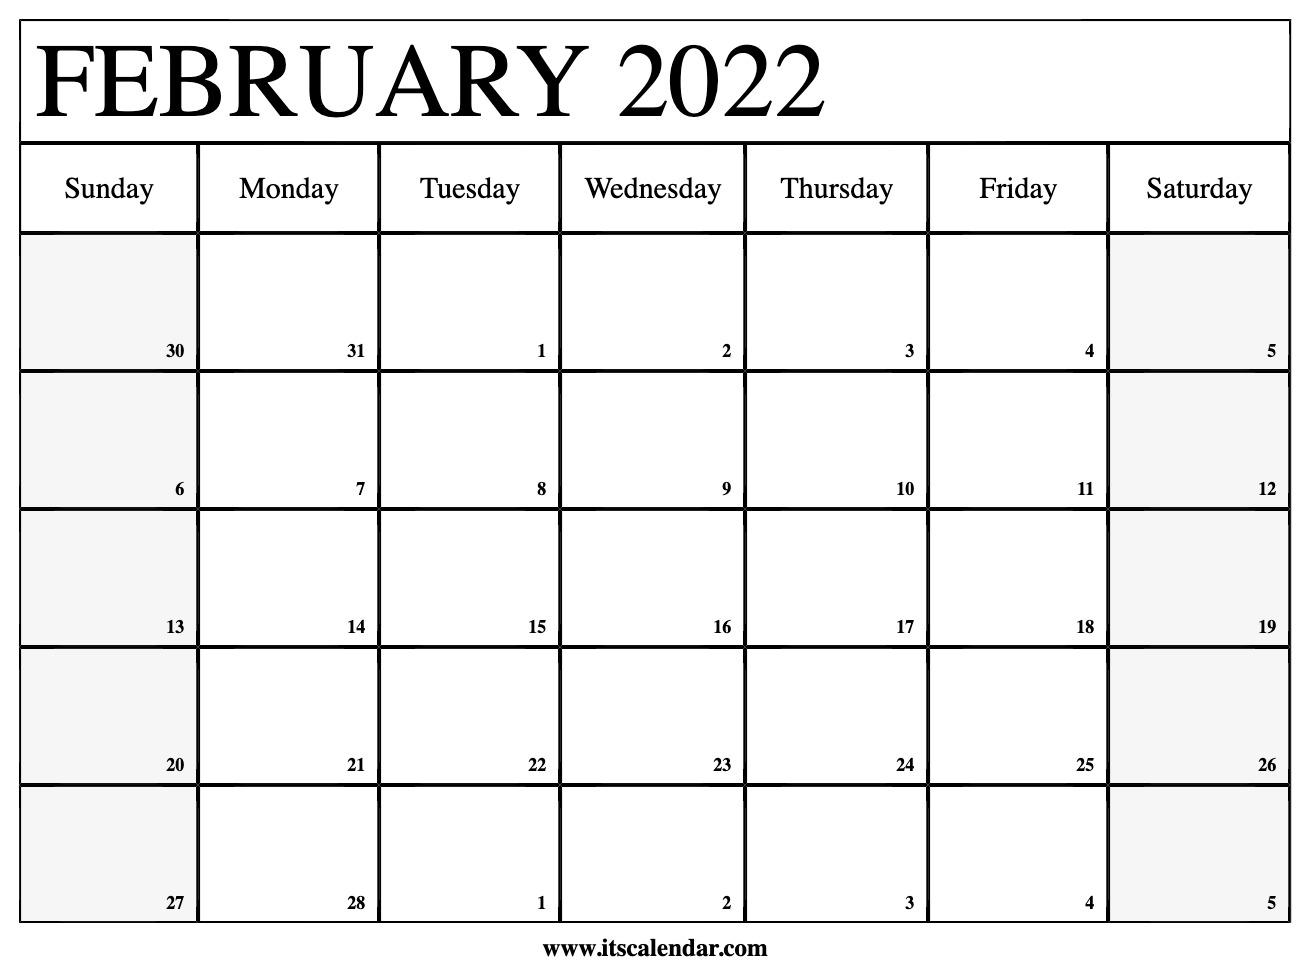 2022 Calendar February.Free Printable February 2022 Calendar